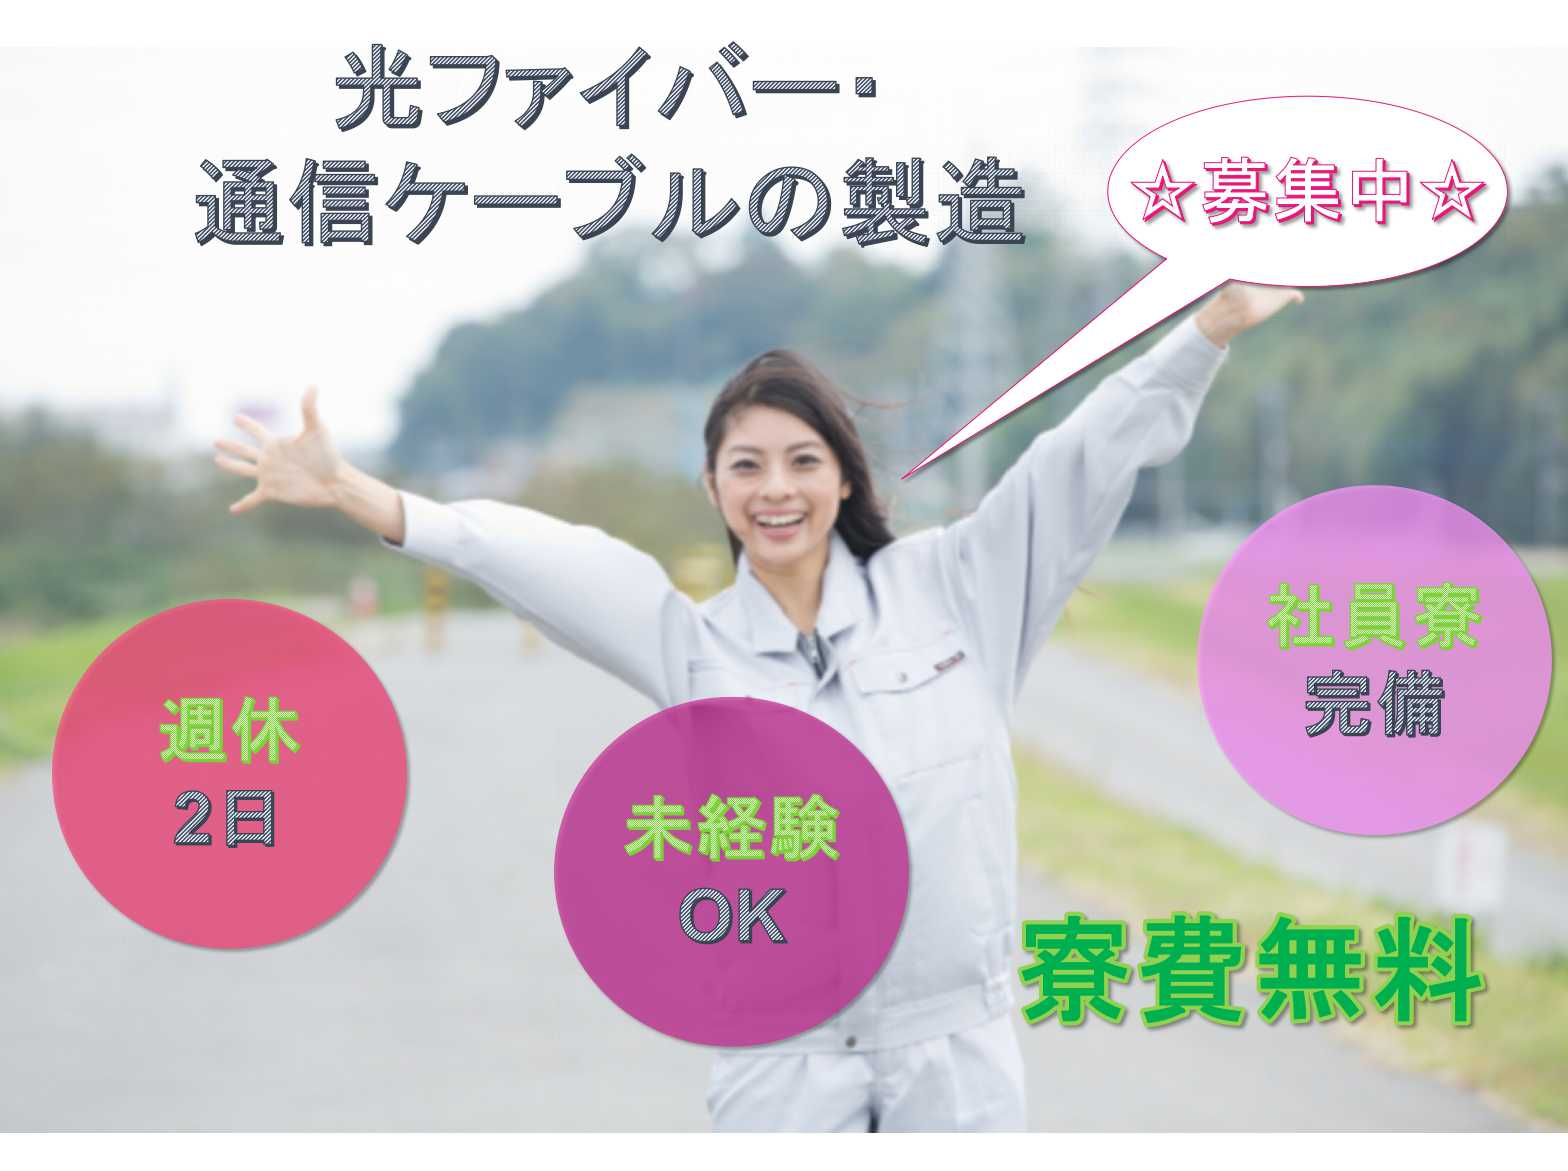 【神奈川県横浜市】未経験OK◆寮費無料◆光ファイバー・通信ケーブルの製造◆ イメージ